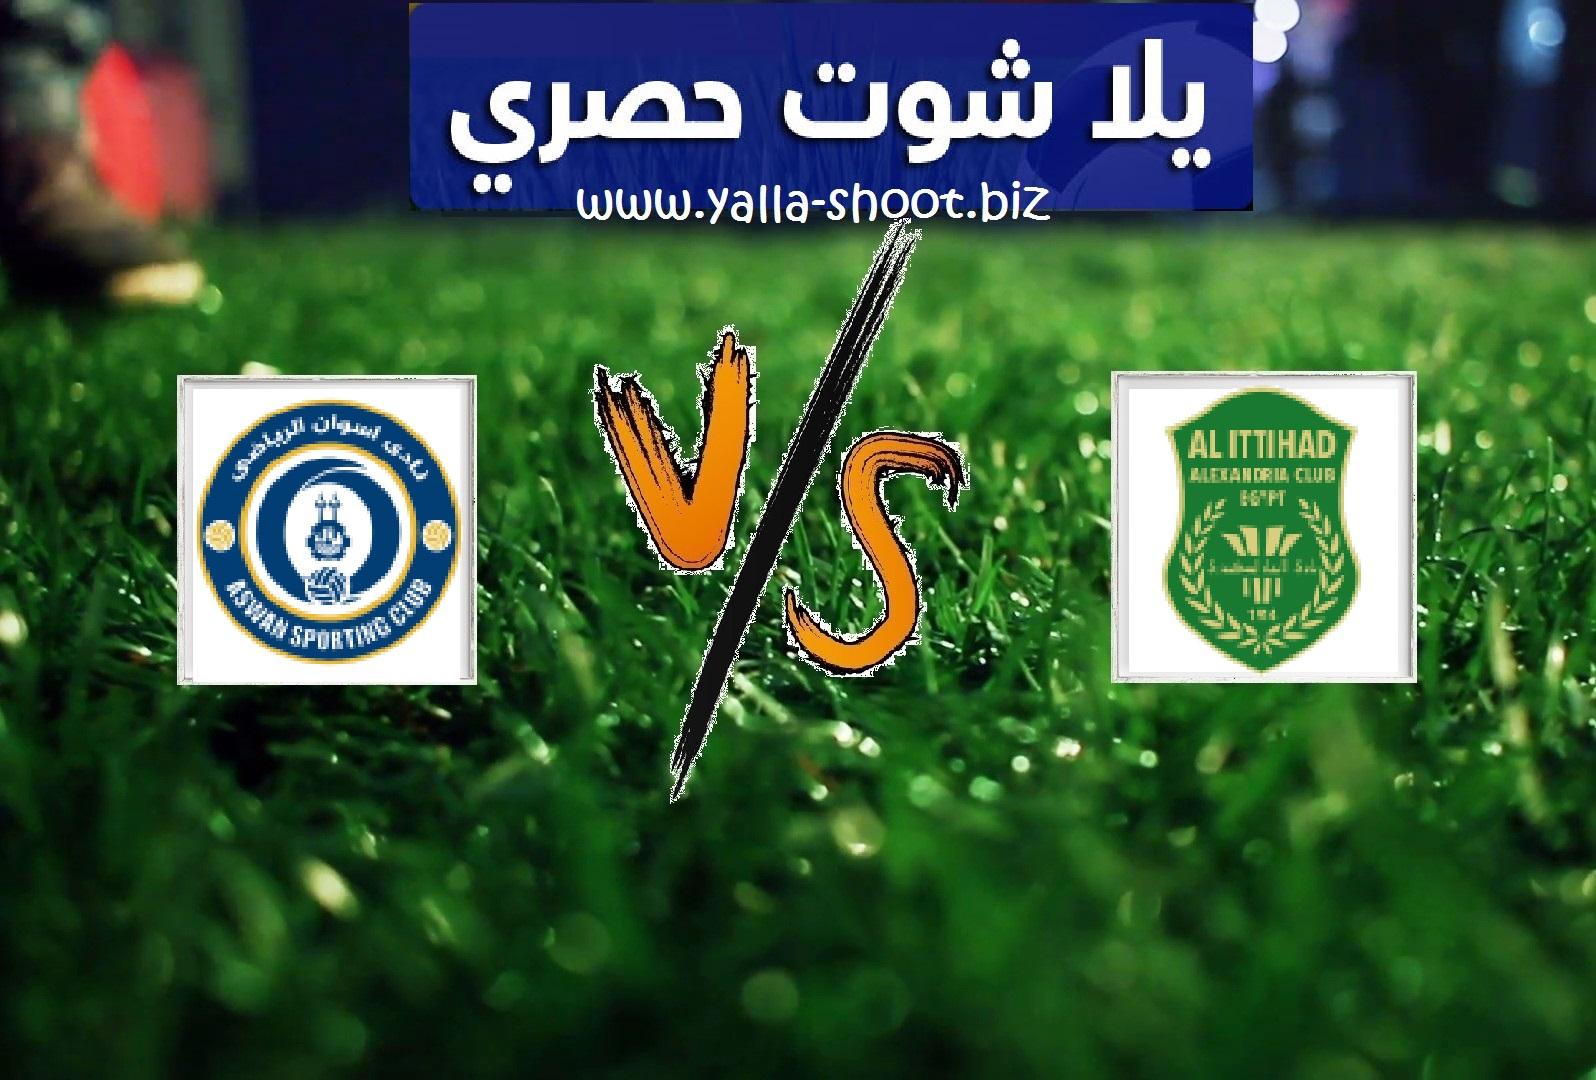 نتيجة مباراة الاتحاد السكندري واسوان بتاريخ 08-02-2020 الدوري المصري